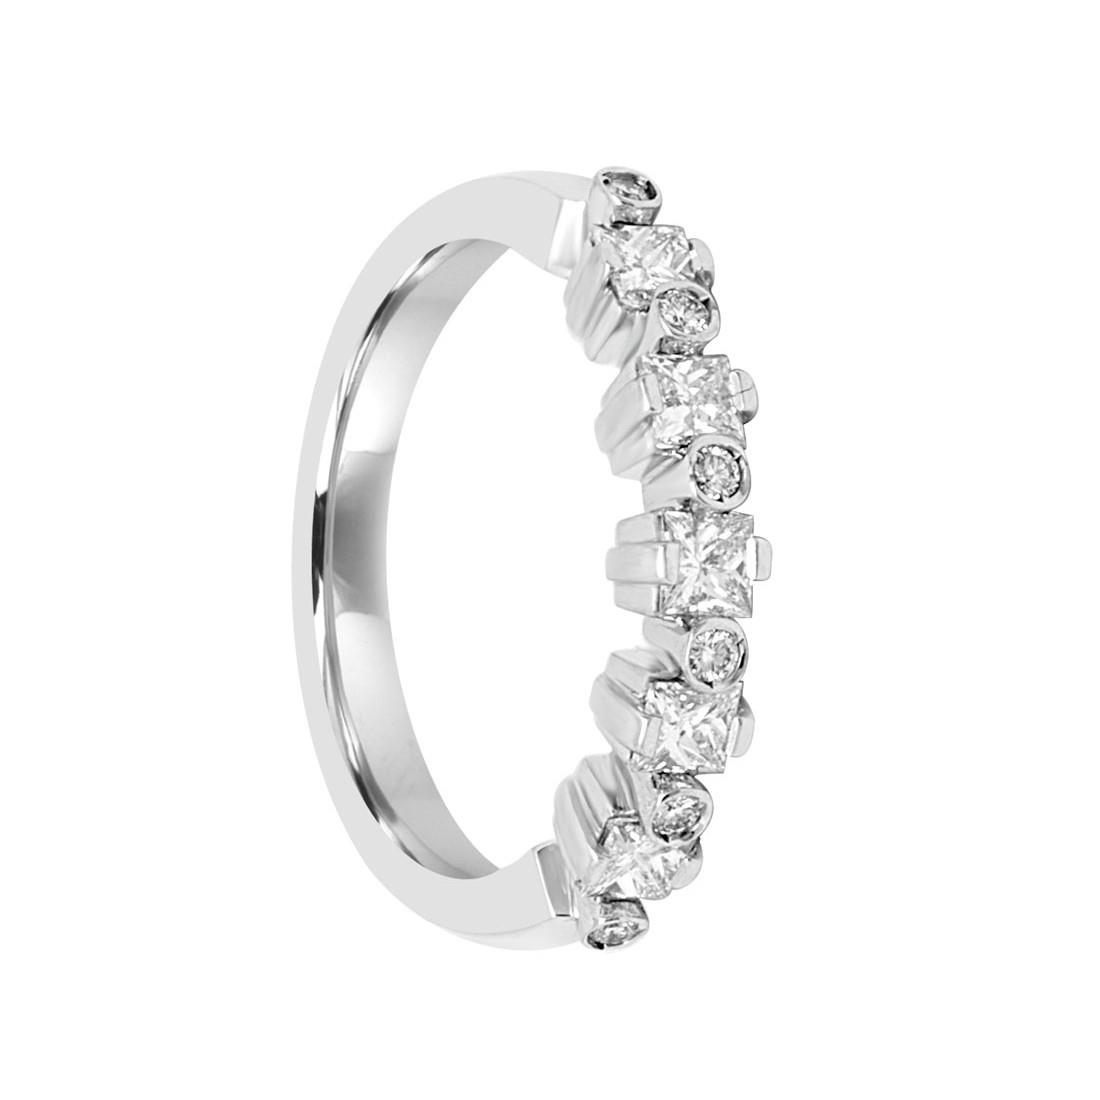 Anello veretta in oro bianco con diamanti ct 0.71 - SALVINI